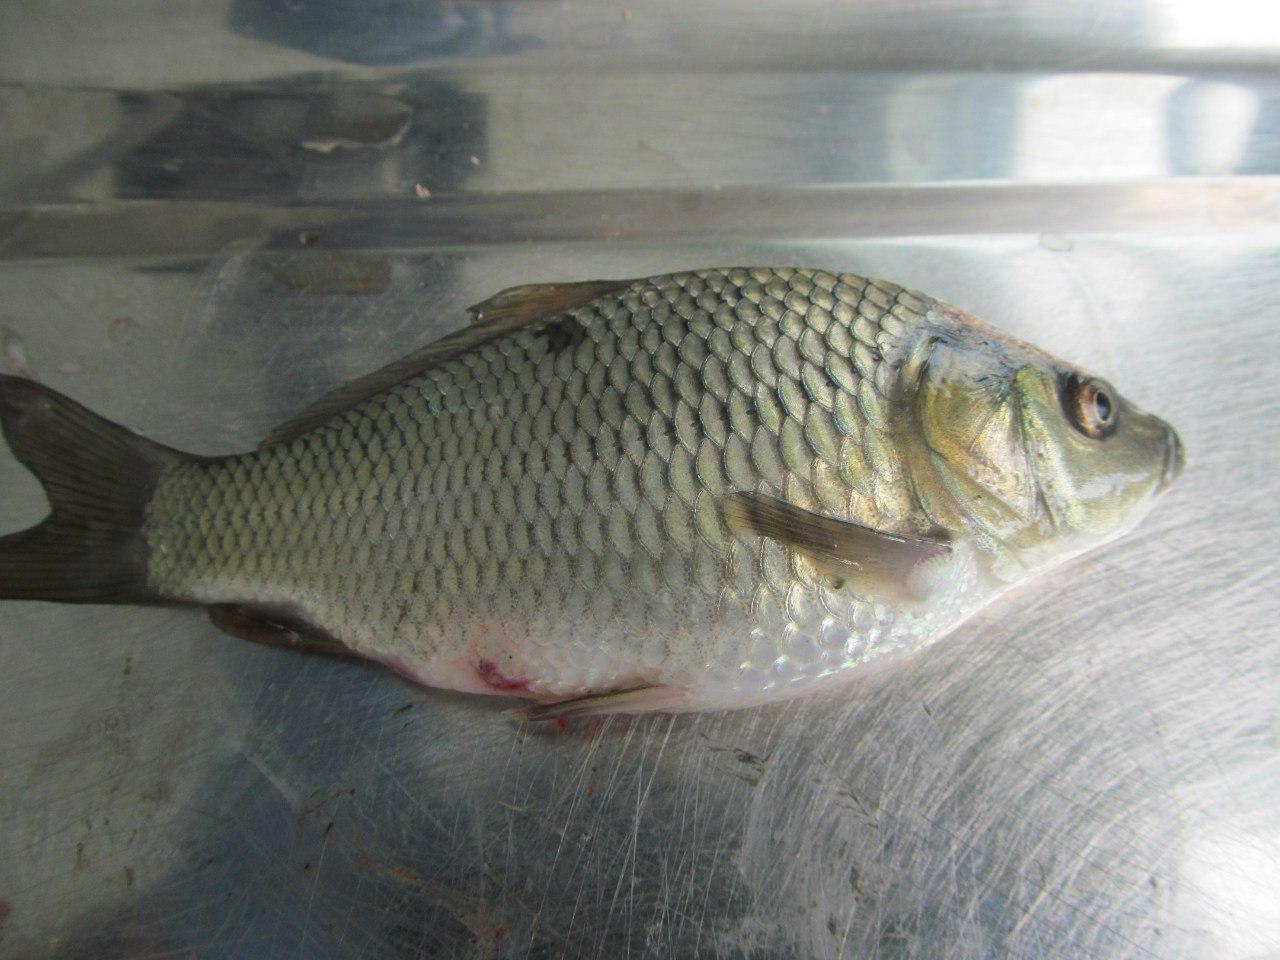 В двух рыборазводных хозяйствах Ростовской области введен карантин по ботриоцефалезу рыб